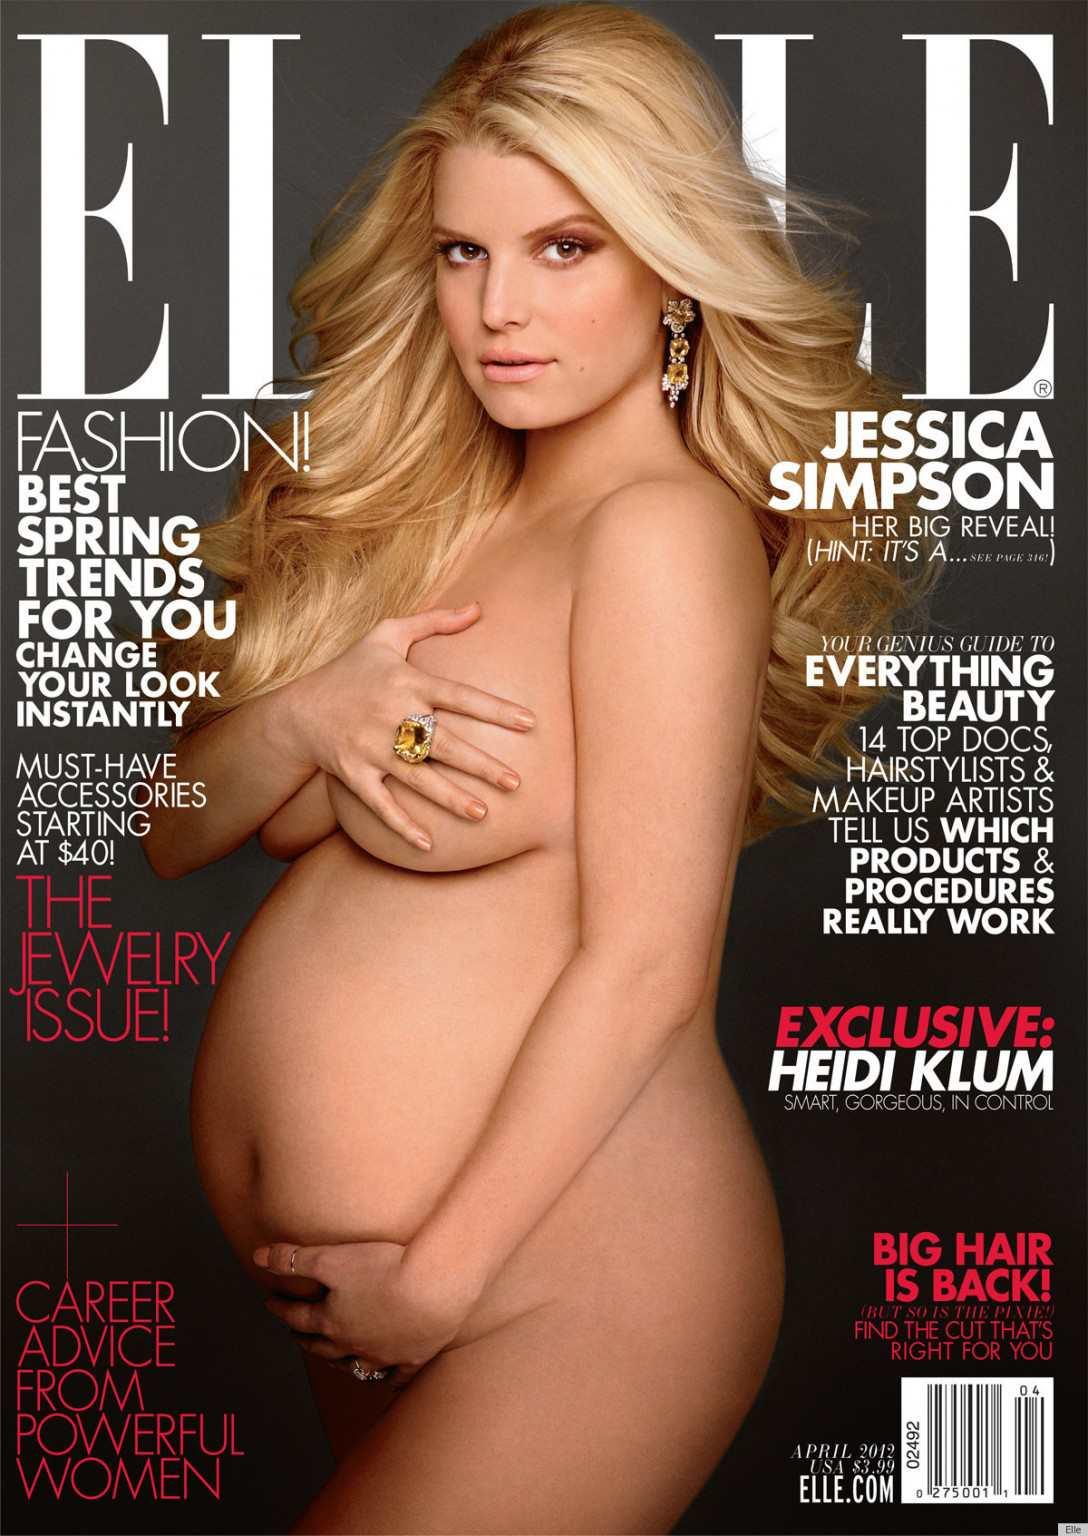 http://4.bp.blogspot.com/-es27Rpz747E/T_xOEuPYxvI/AAAAAAAAJzI/XwrcZRD0_co/s1600/Elle+-+April+2012+-+Jessica+Simpson.jpeg